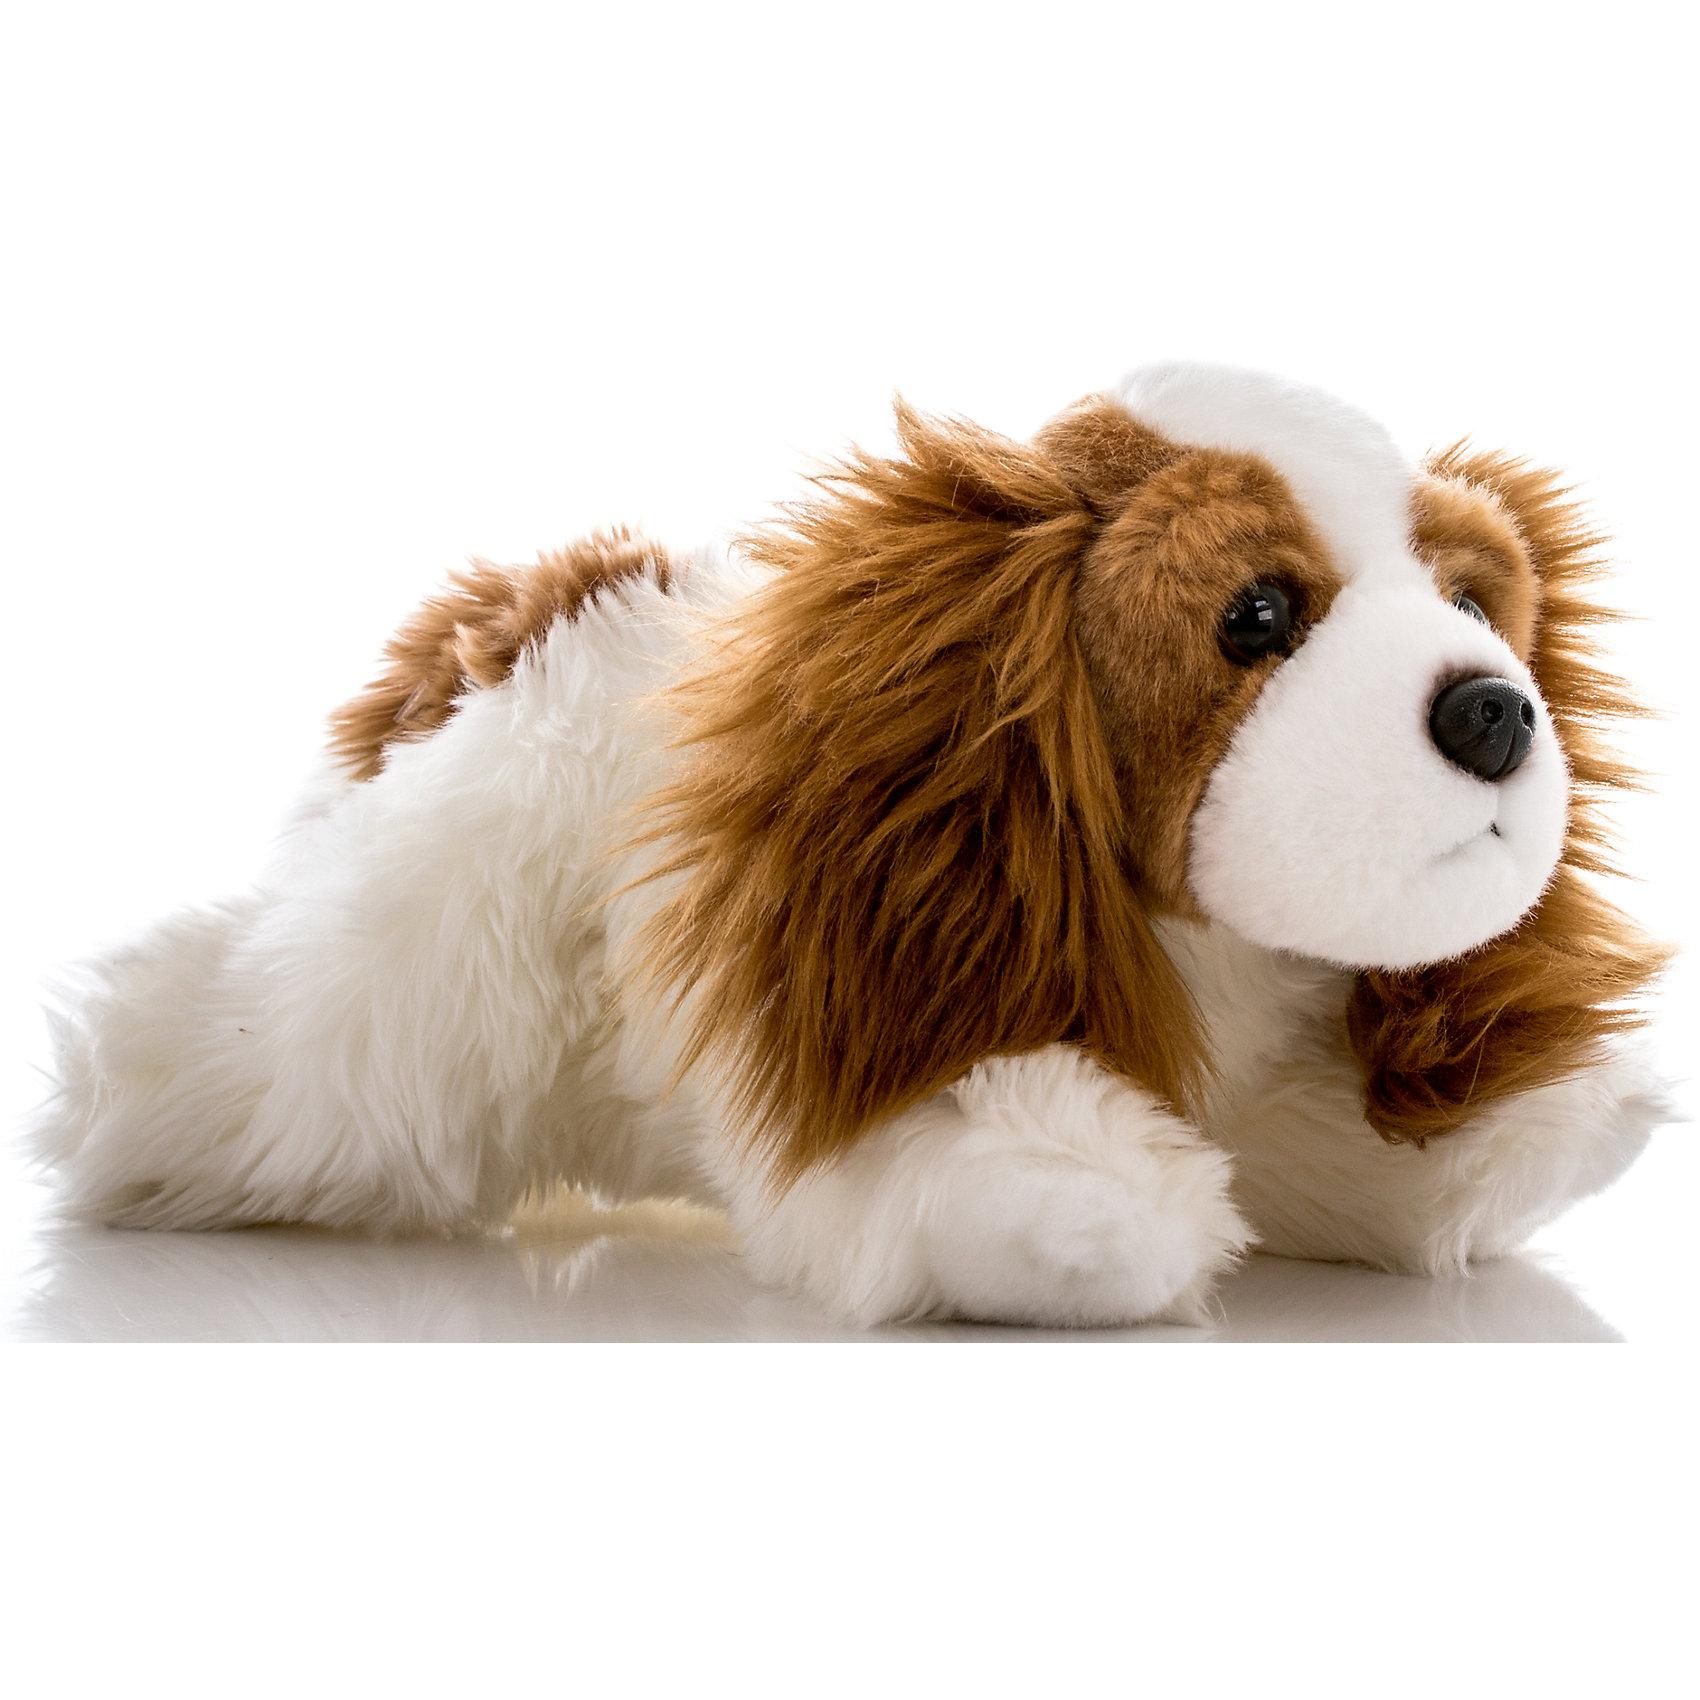 Мягкая игрушка Кинг чарльз спаниель, 28 см, AURORAКрасивый щенок с мягкой бело-коричневой шерсткой будет прекрасным подарком для Вашего ребенка!<br><br>Дополнительная информация:<br><br>- Возраст: от 3 лет.<br>- Материал: плюш, синтепон.<br>- Высота игрушки: 28 см.<br><br>Купить мягкую игрушку Кинг Чарльз Спаниель можно в нашем магазине.<br><br>Ширина мм: 130<br>Глубина мм: 260<br>Высота мм: 120<br>Вес г: 252<br>Возраст от месяцев: 36<br>Возраст до месяцев: 120<br>Пол: Унисекс<br>Возраст: Детский<br>SKU: 4929038